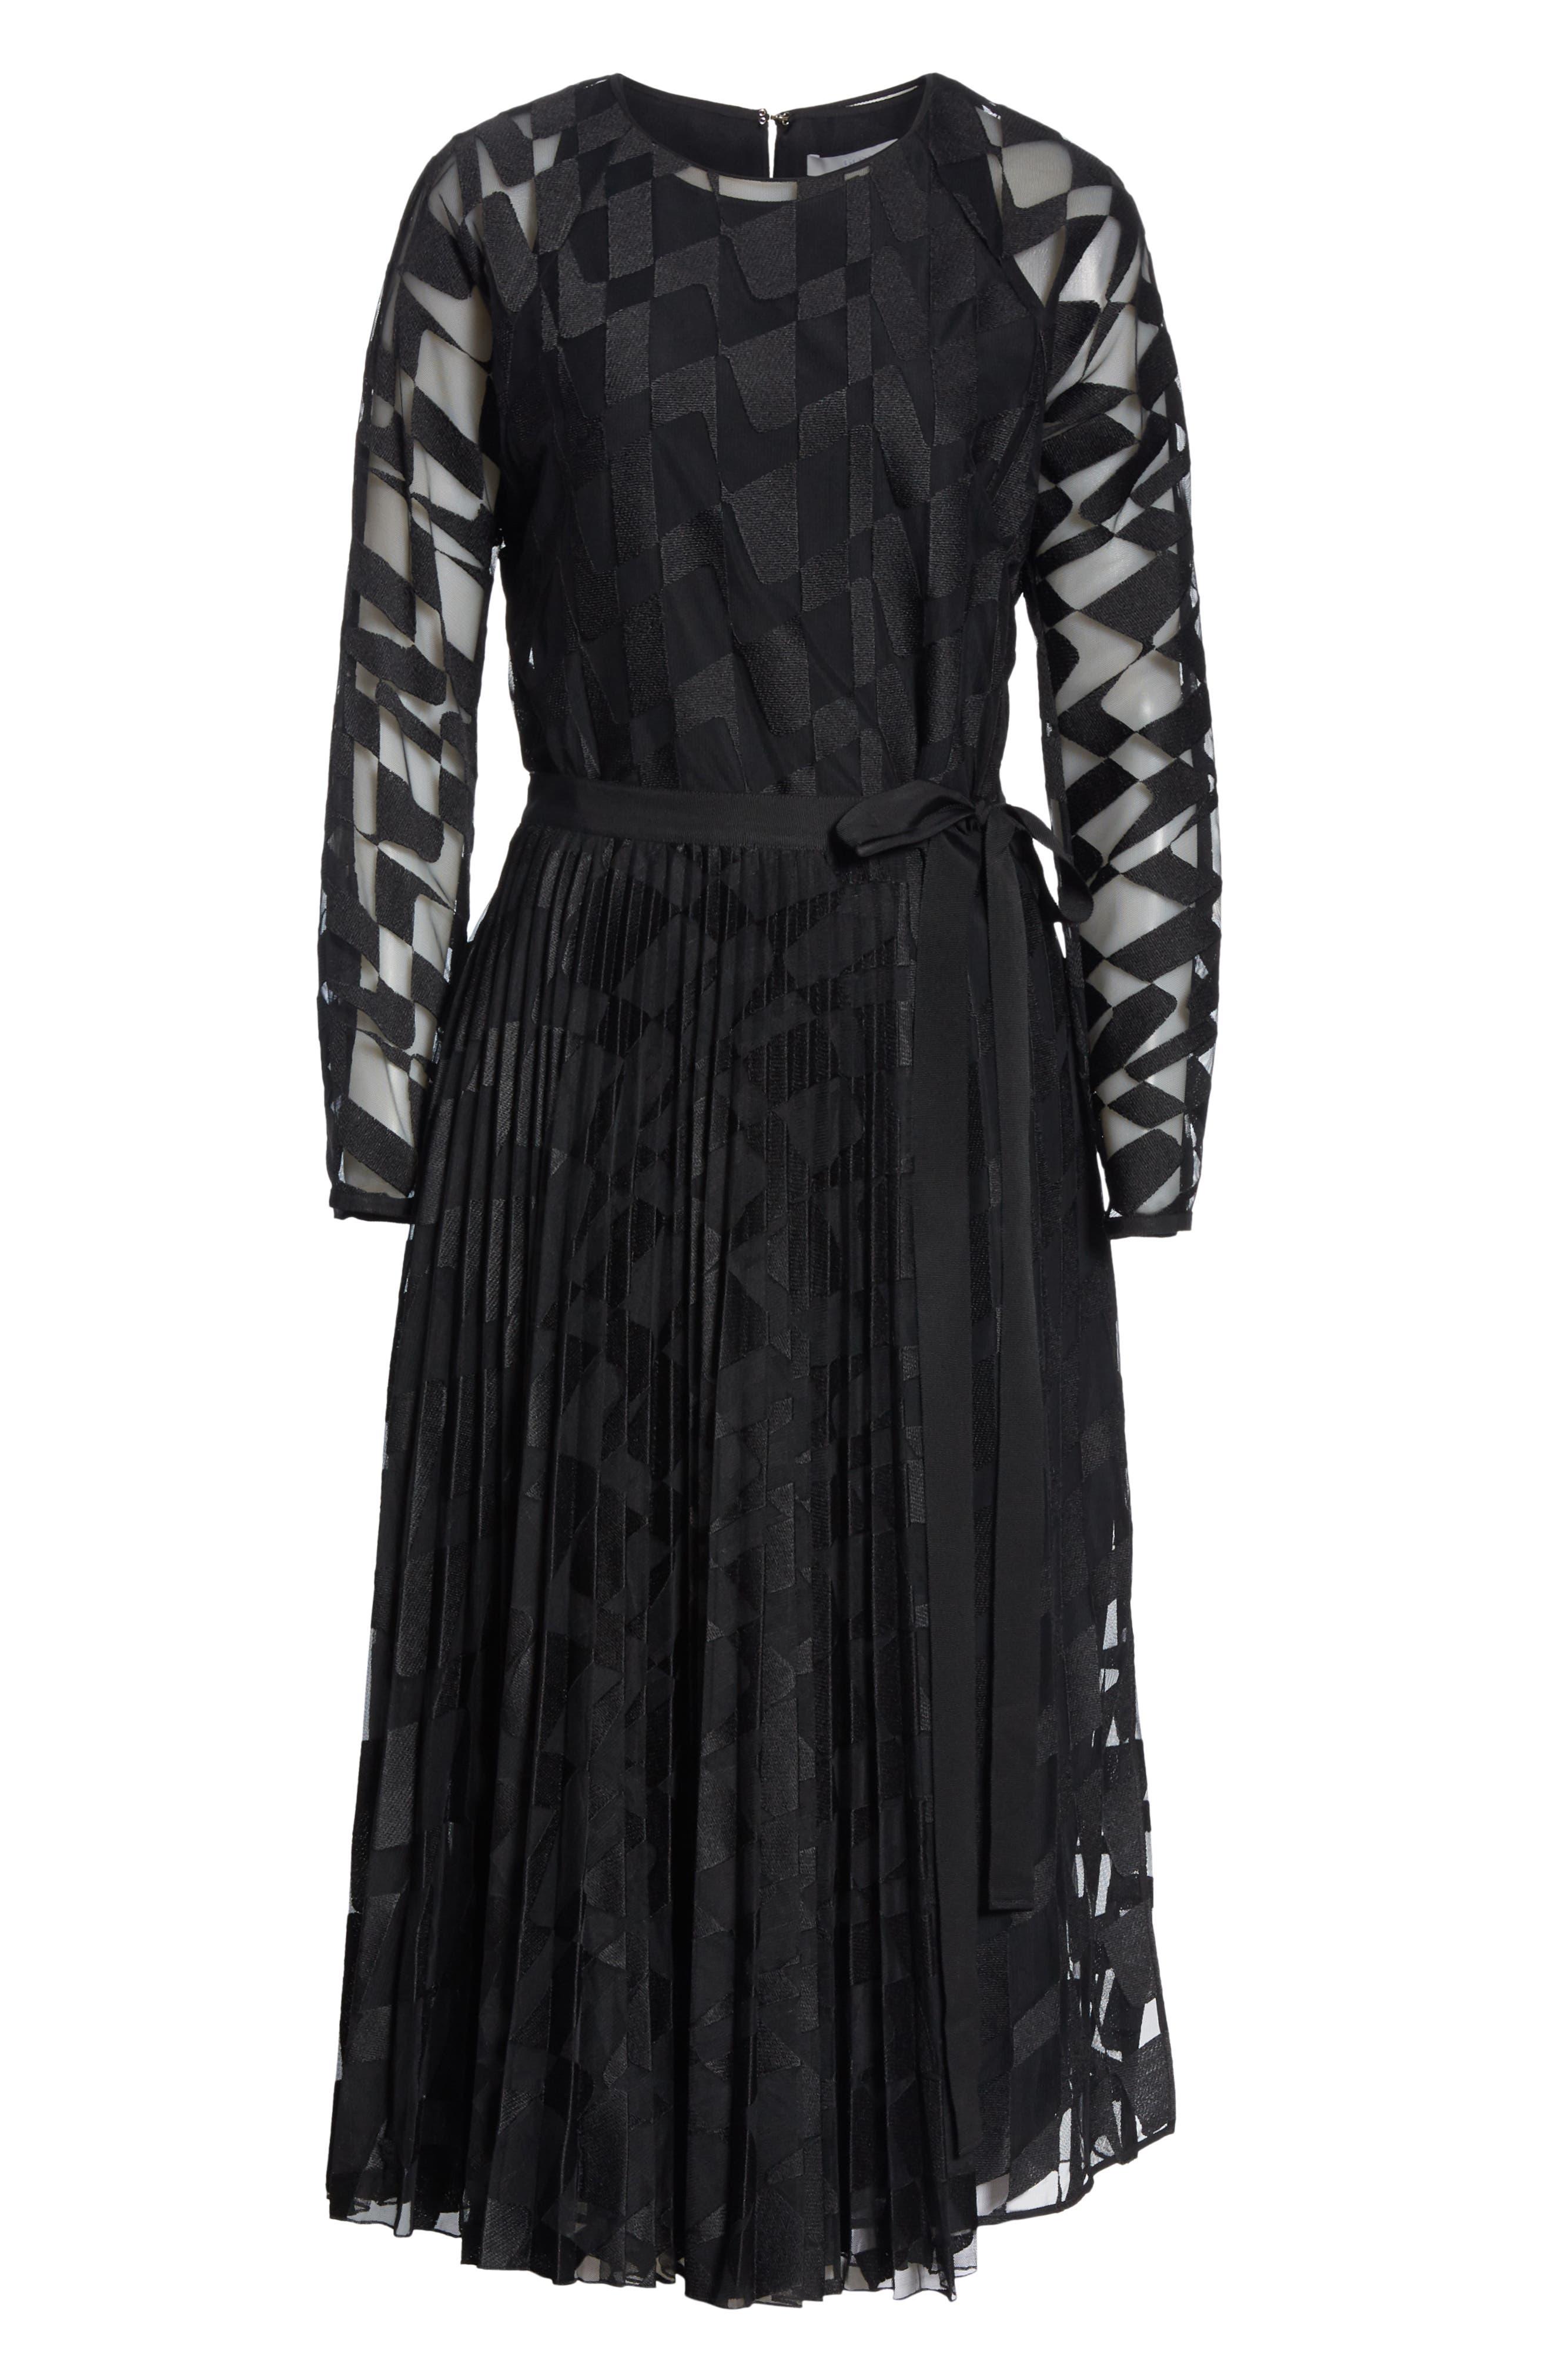 Dalace Pleat & Geo Print Midi Dress,                             Alternate thumbnail 6, color,                             BLACK